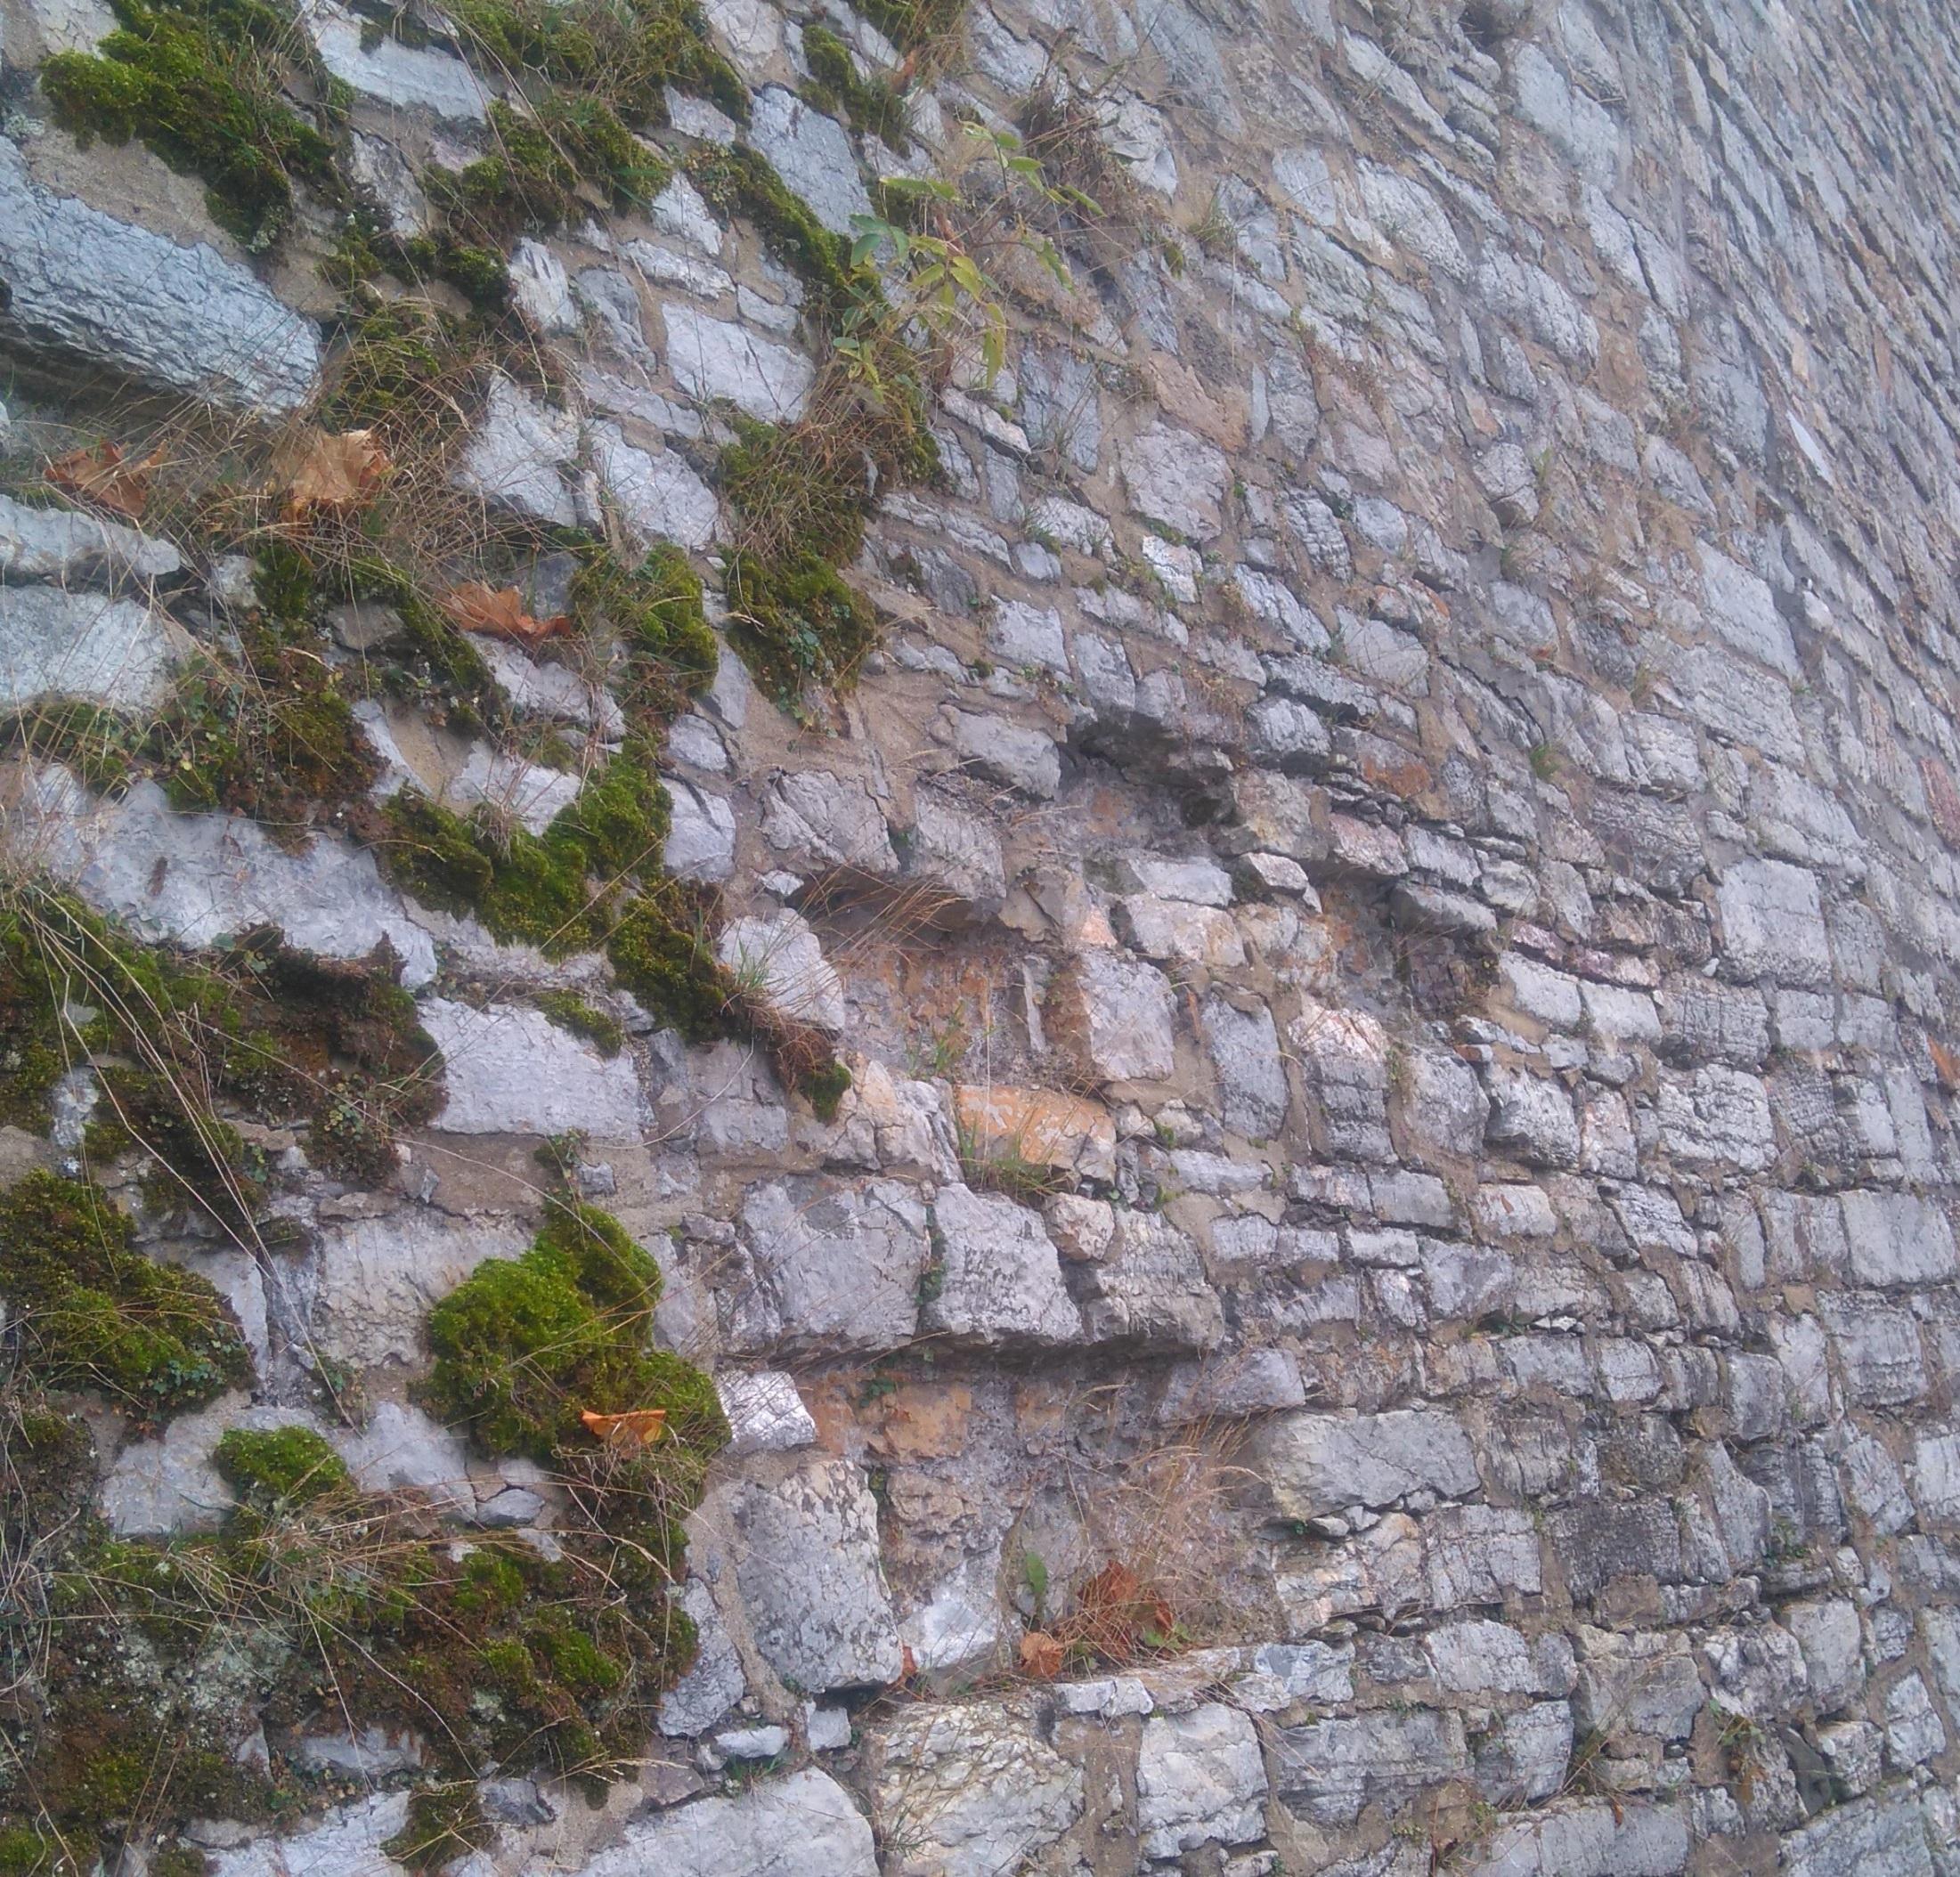 Abgebildet ist eine Natursteinmauer, auf der sich Moos festgesetzt hat. Einige Steine fehlen.